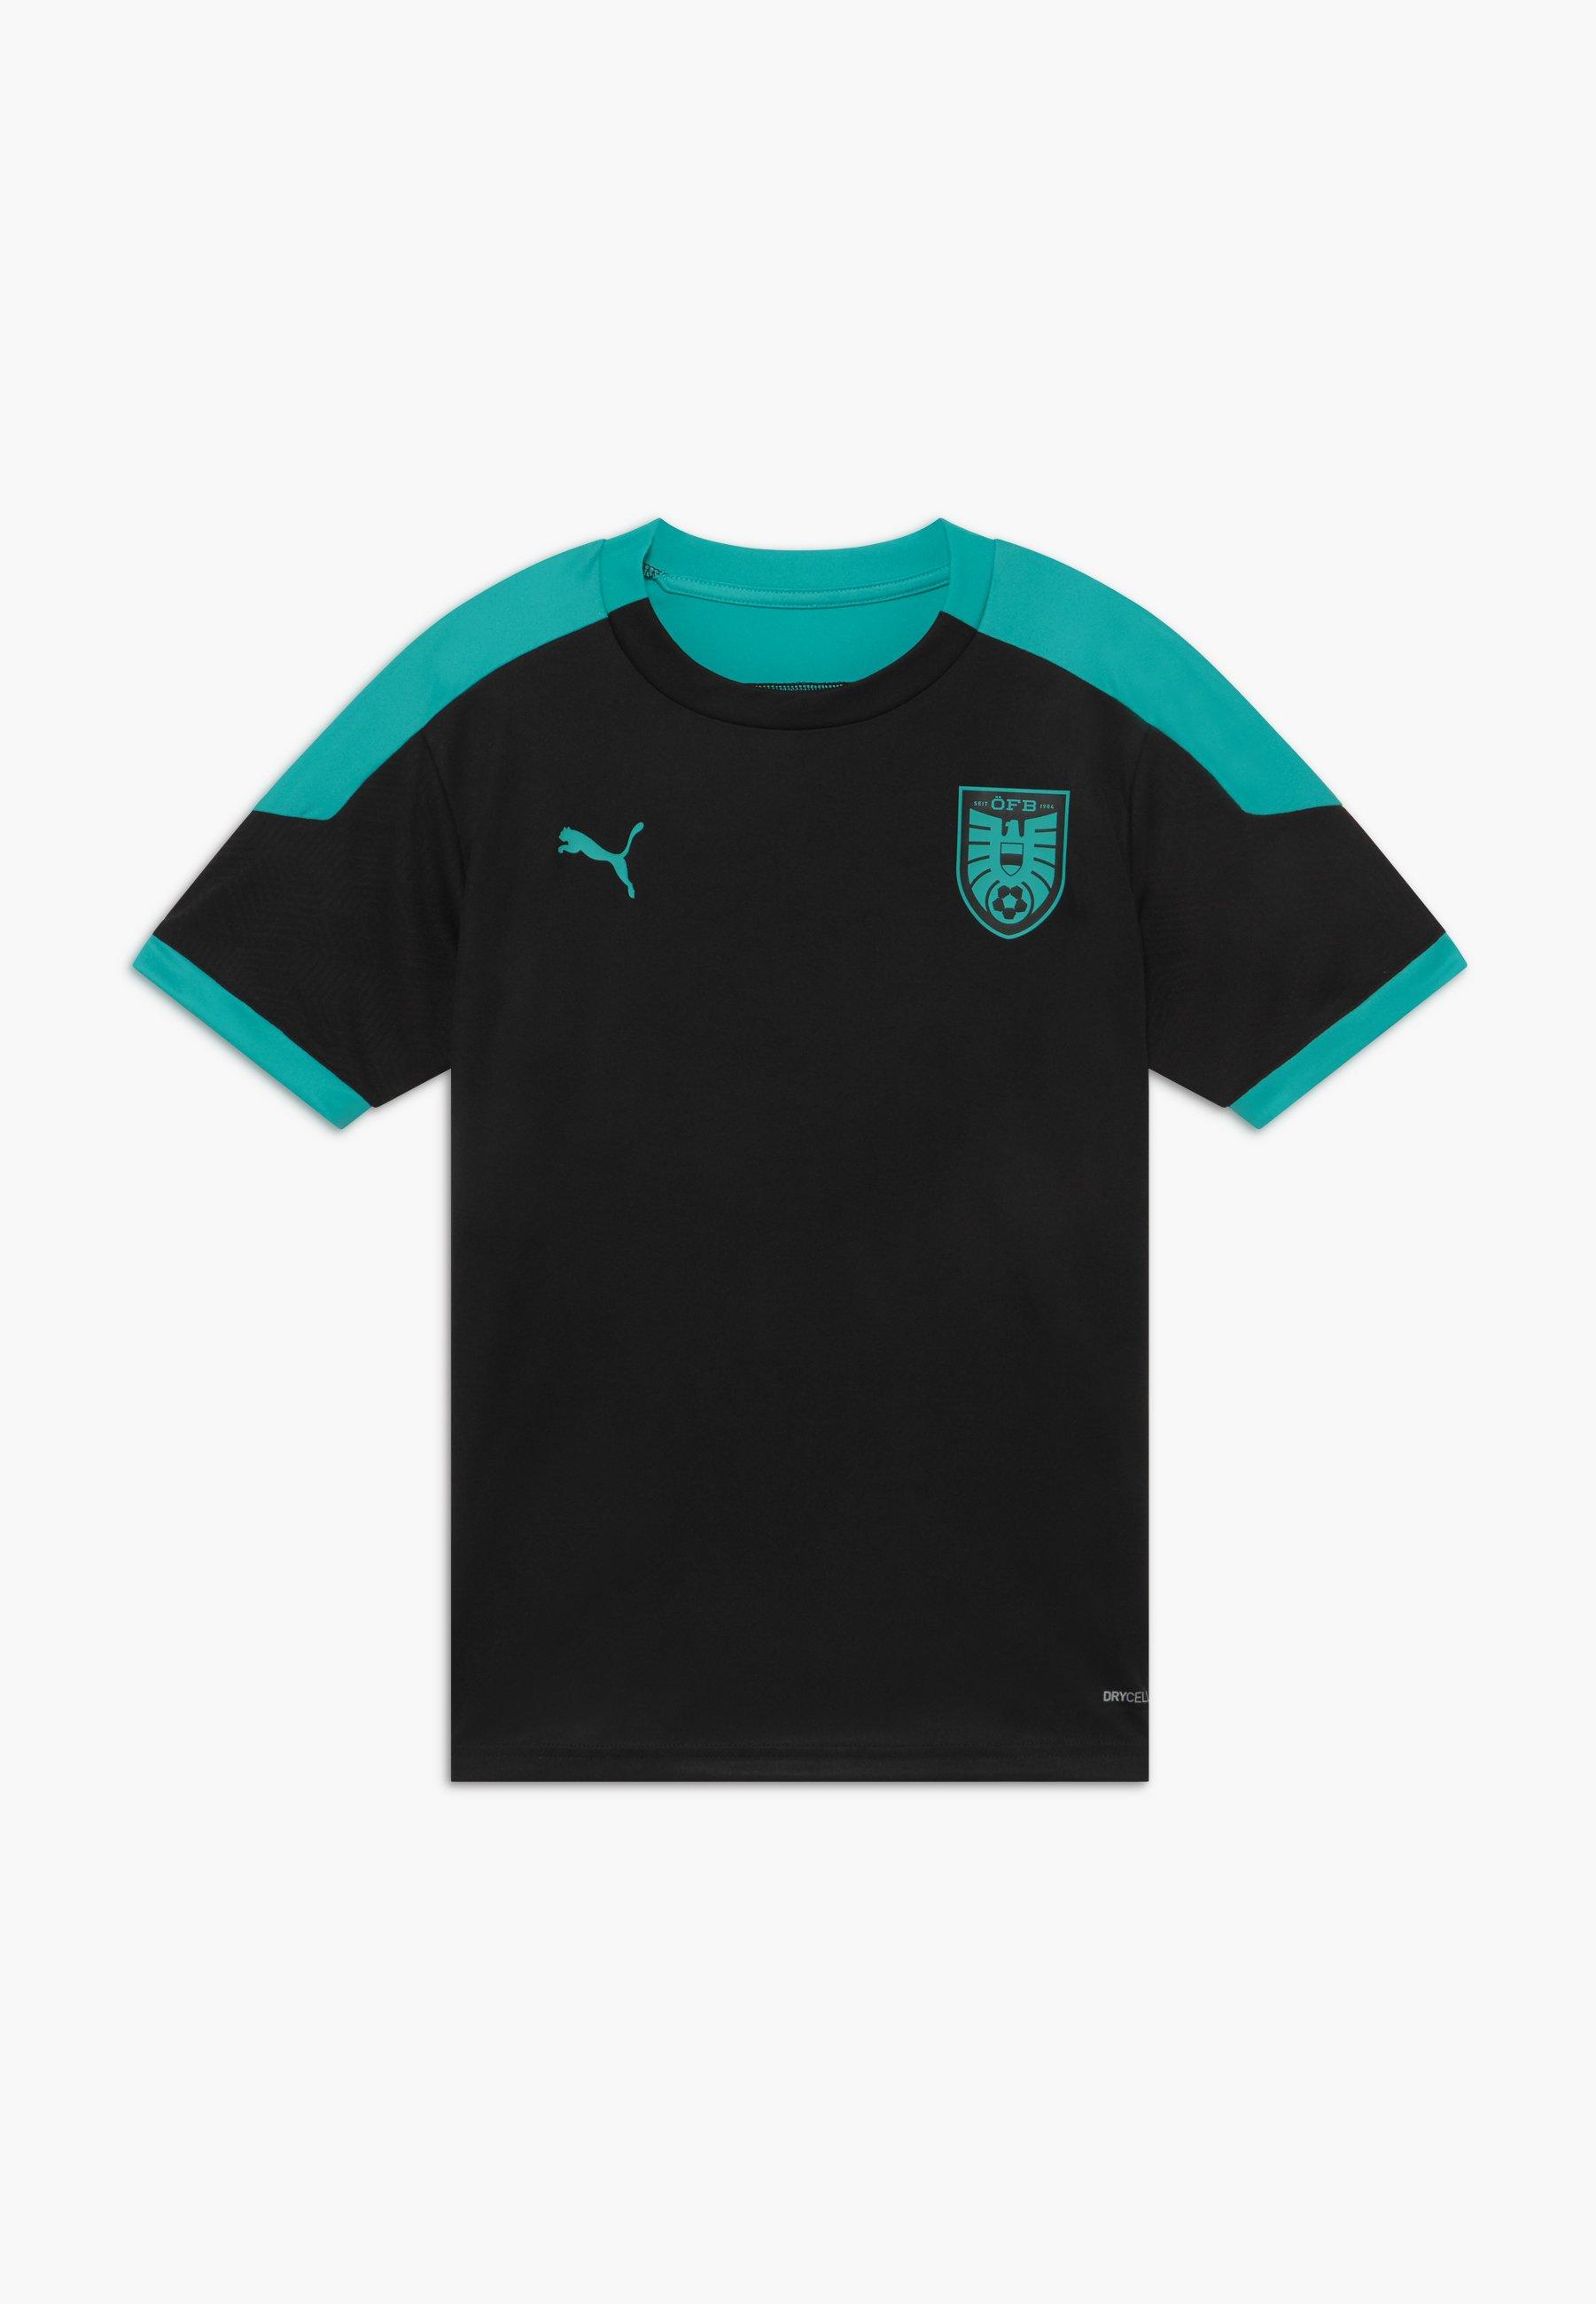 Kids ÖSTERREICH ÖFB TRAINING - National team wear